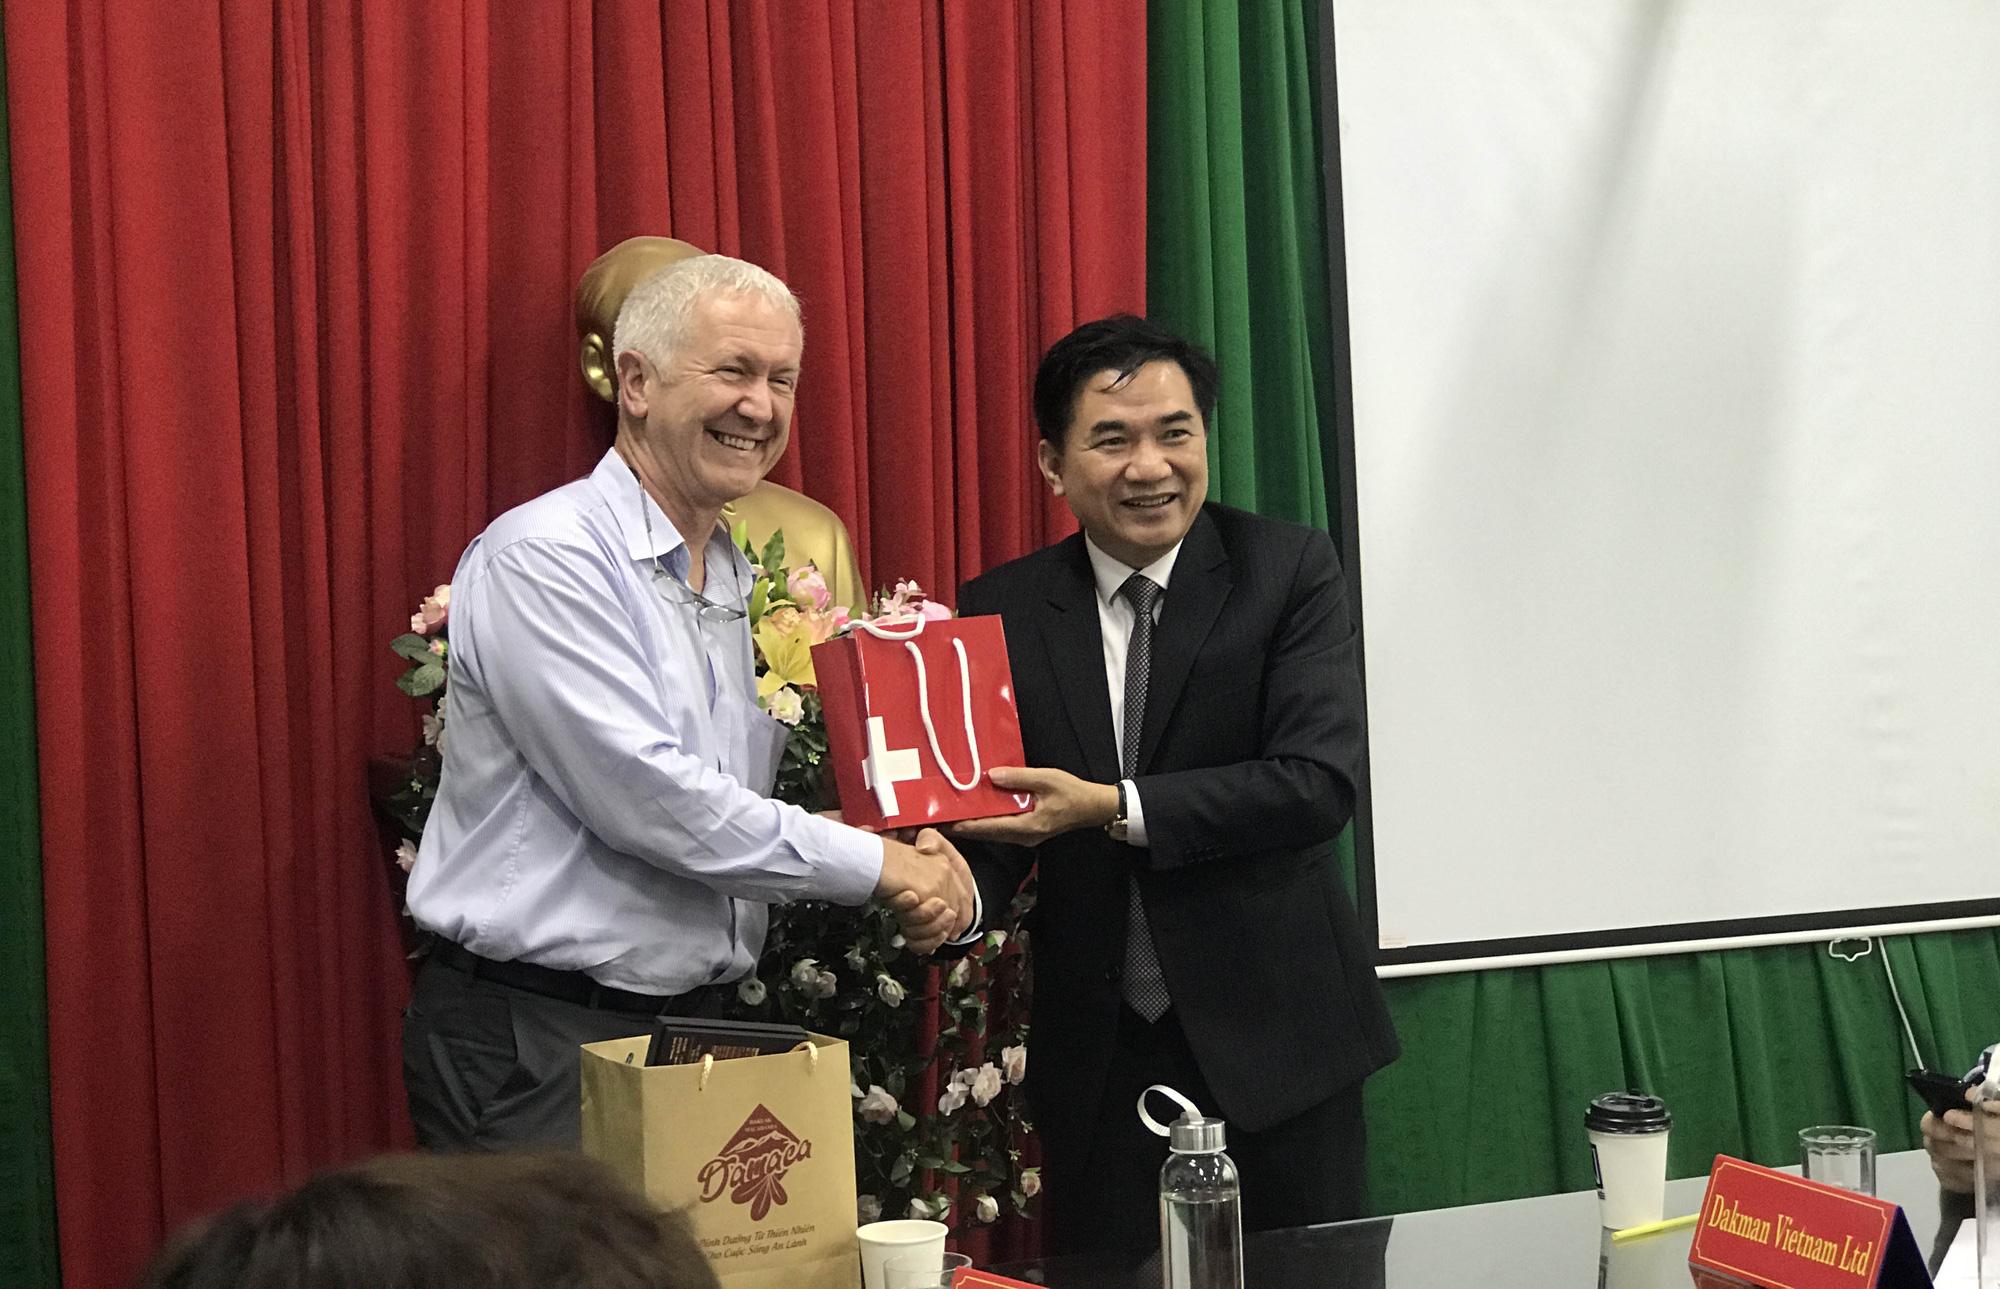 Đại sứ đặc mệnh toàn quyền Thụy Sĩ tại Việt Nam thăm nông dân Đắk Lắk - Ảnh 2.